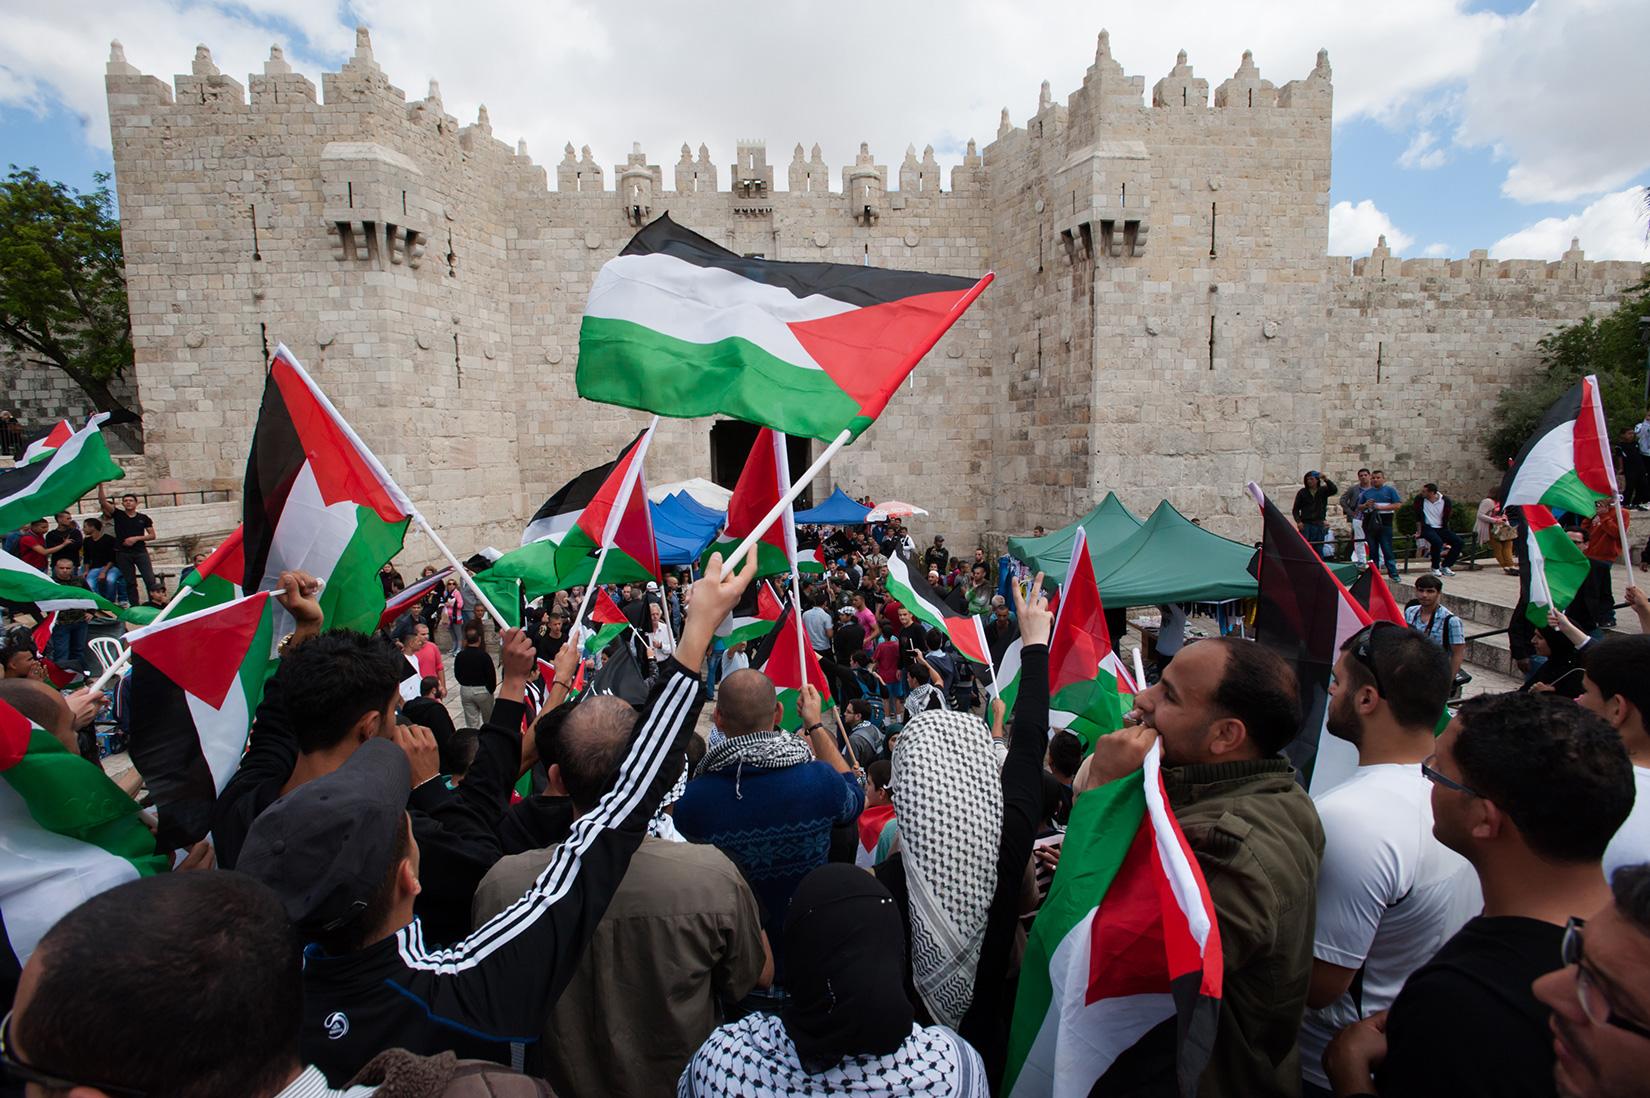 パレスチナ問題の周辺化